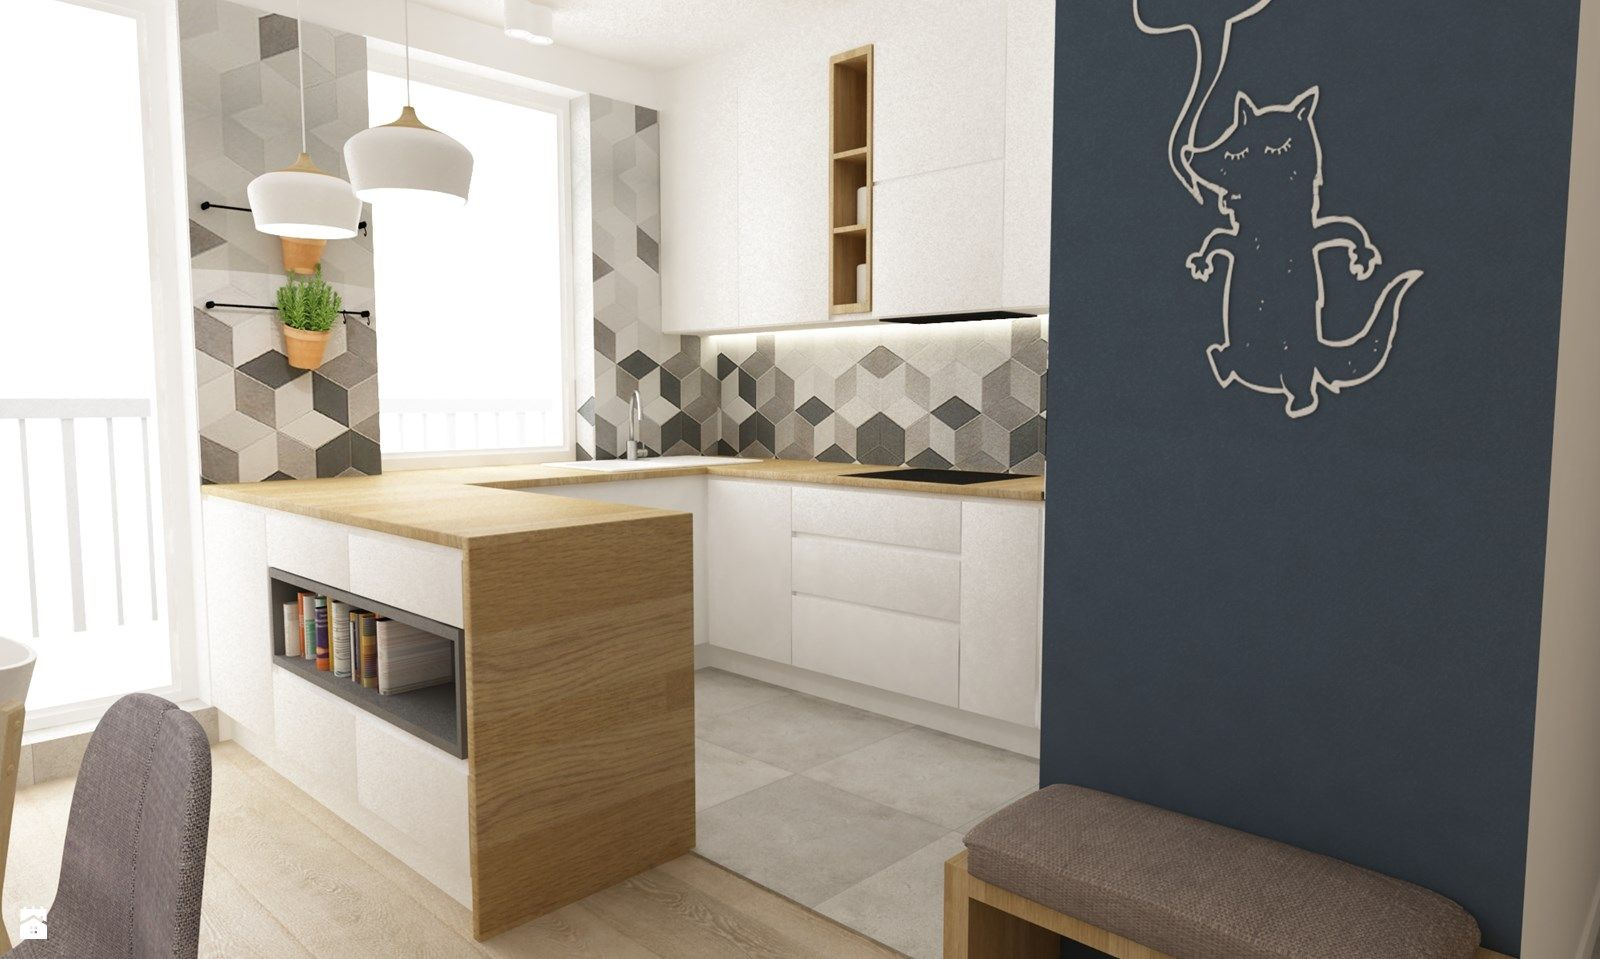 Wystroj Wnetrz Kuchnia Pomysly Na Aranzacje Projekty Ktore Stanowia Prawdziwe Inspiracje Dla Kazdego Dla Kogo Home Decor Small Apartment Design Interior